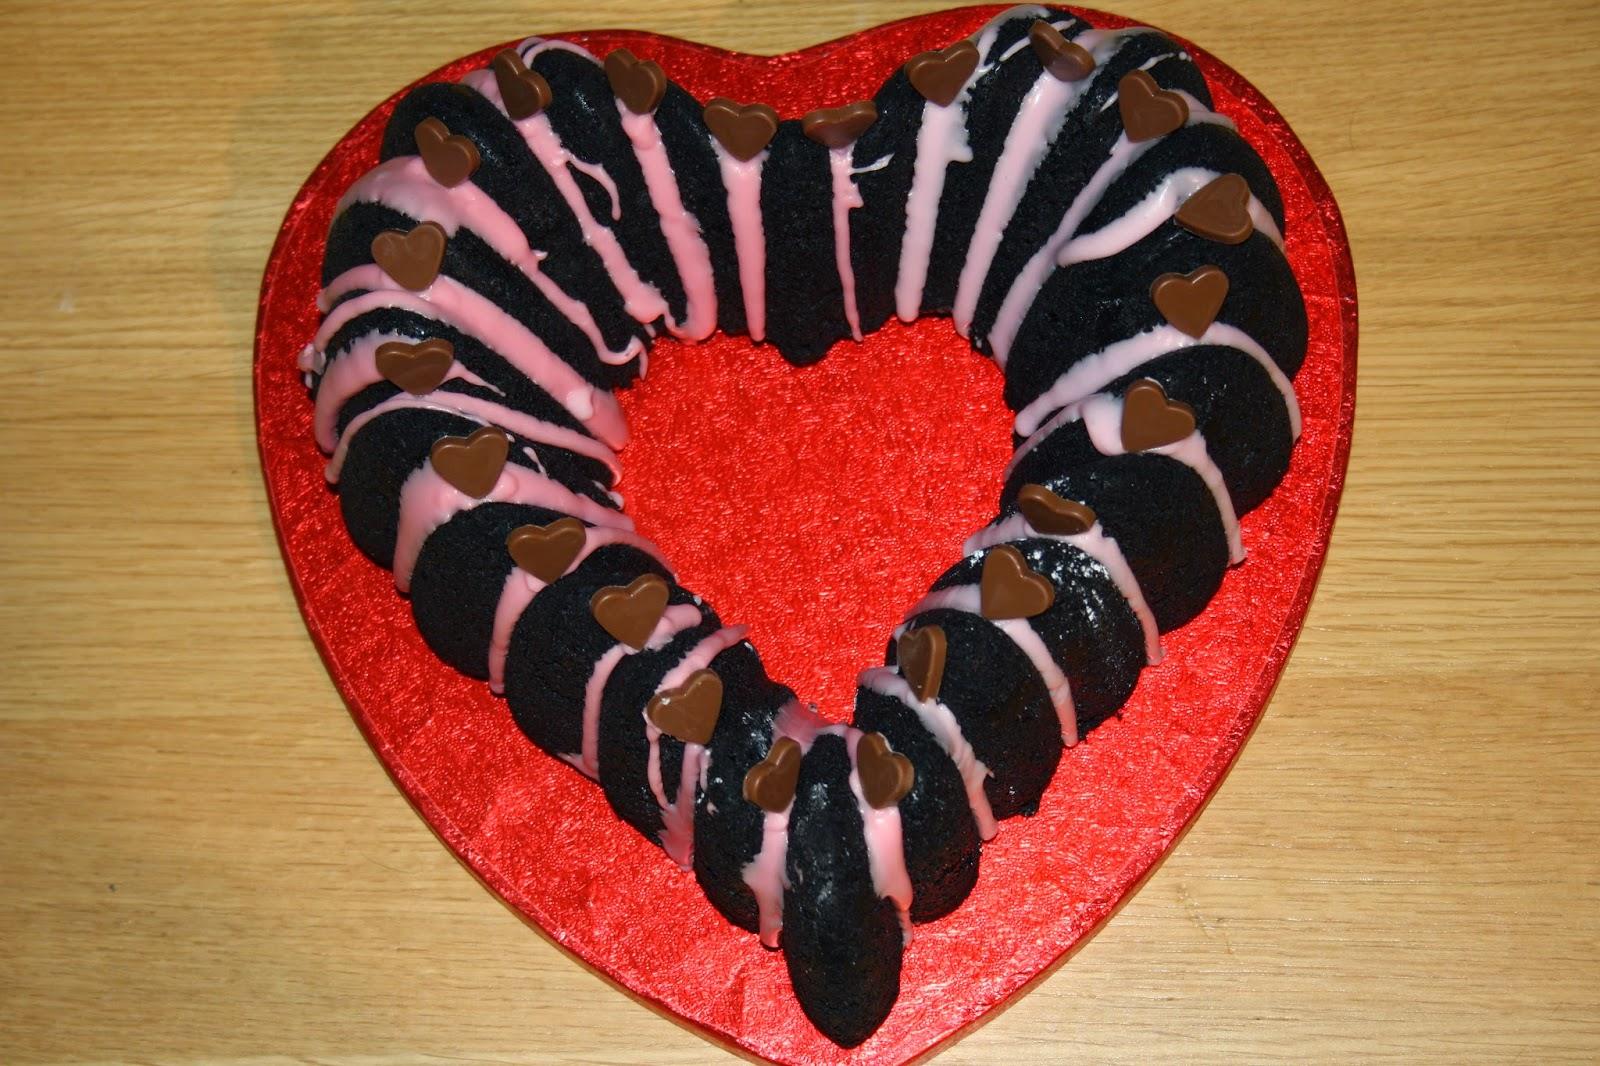 heart shaped bundt